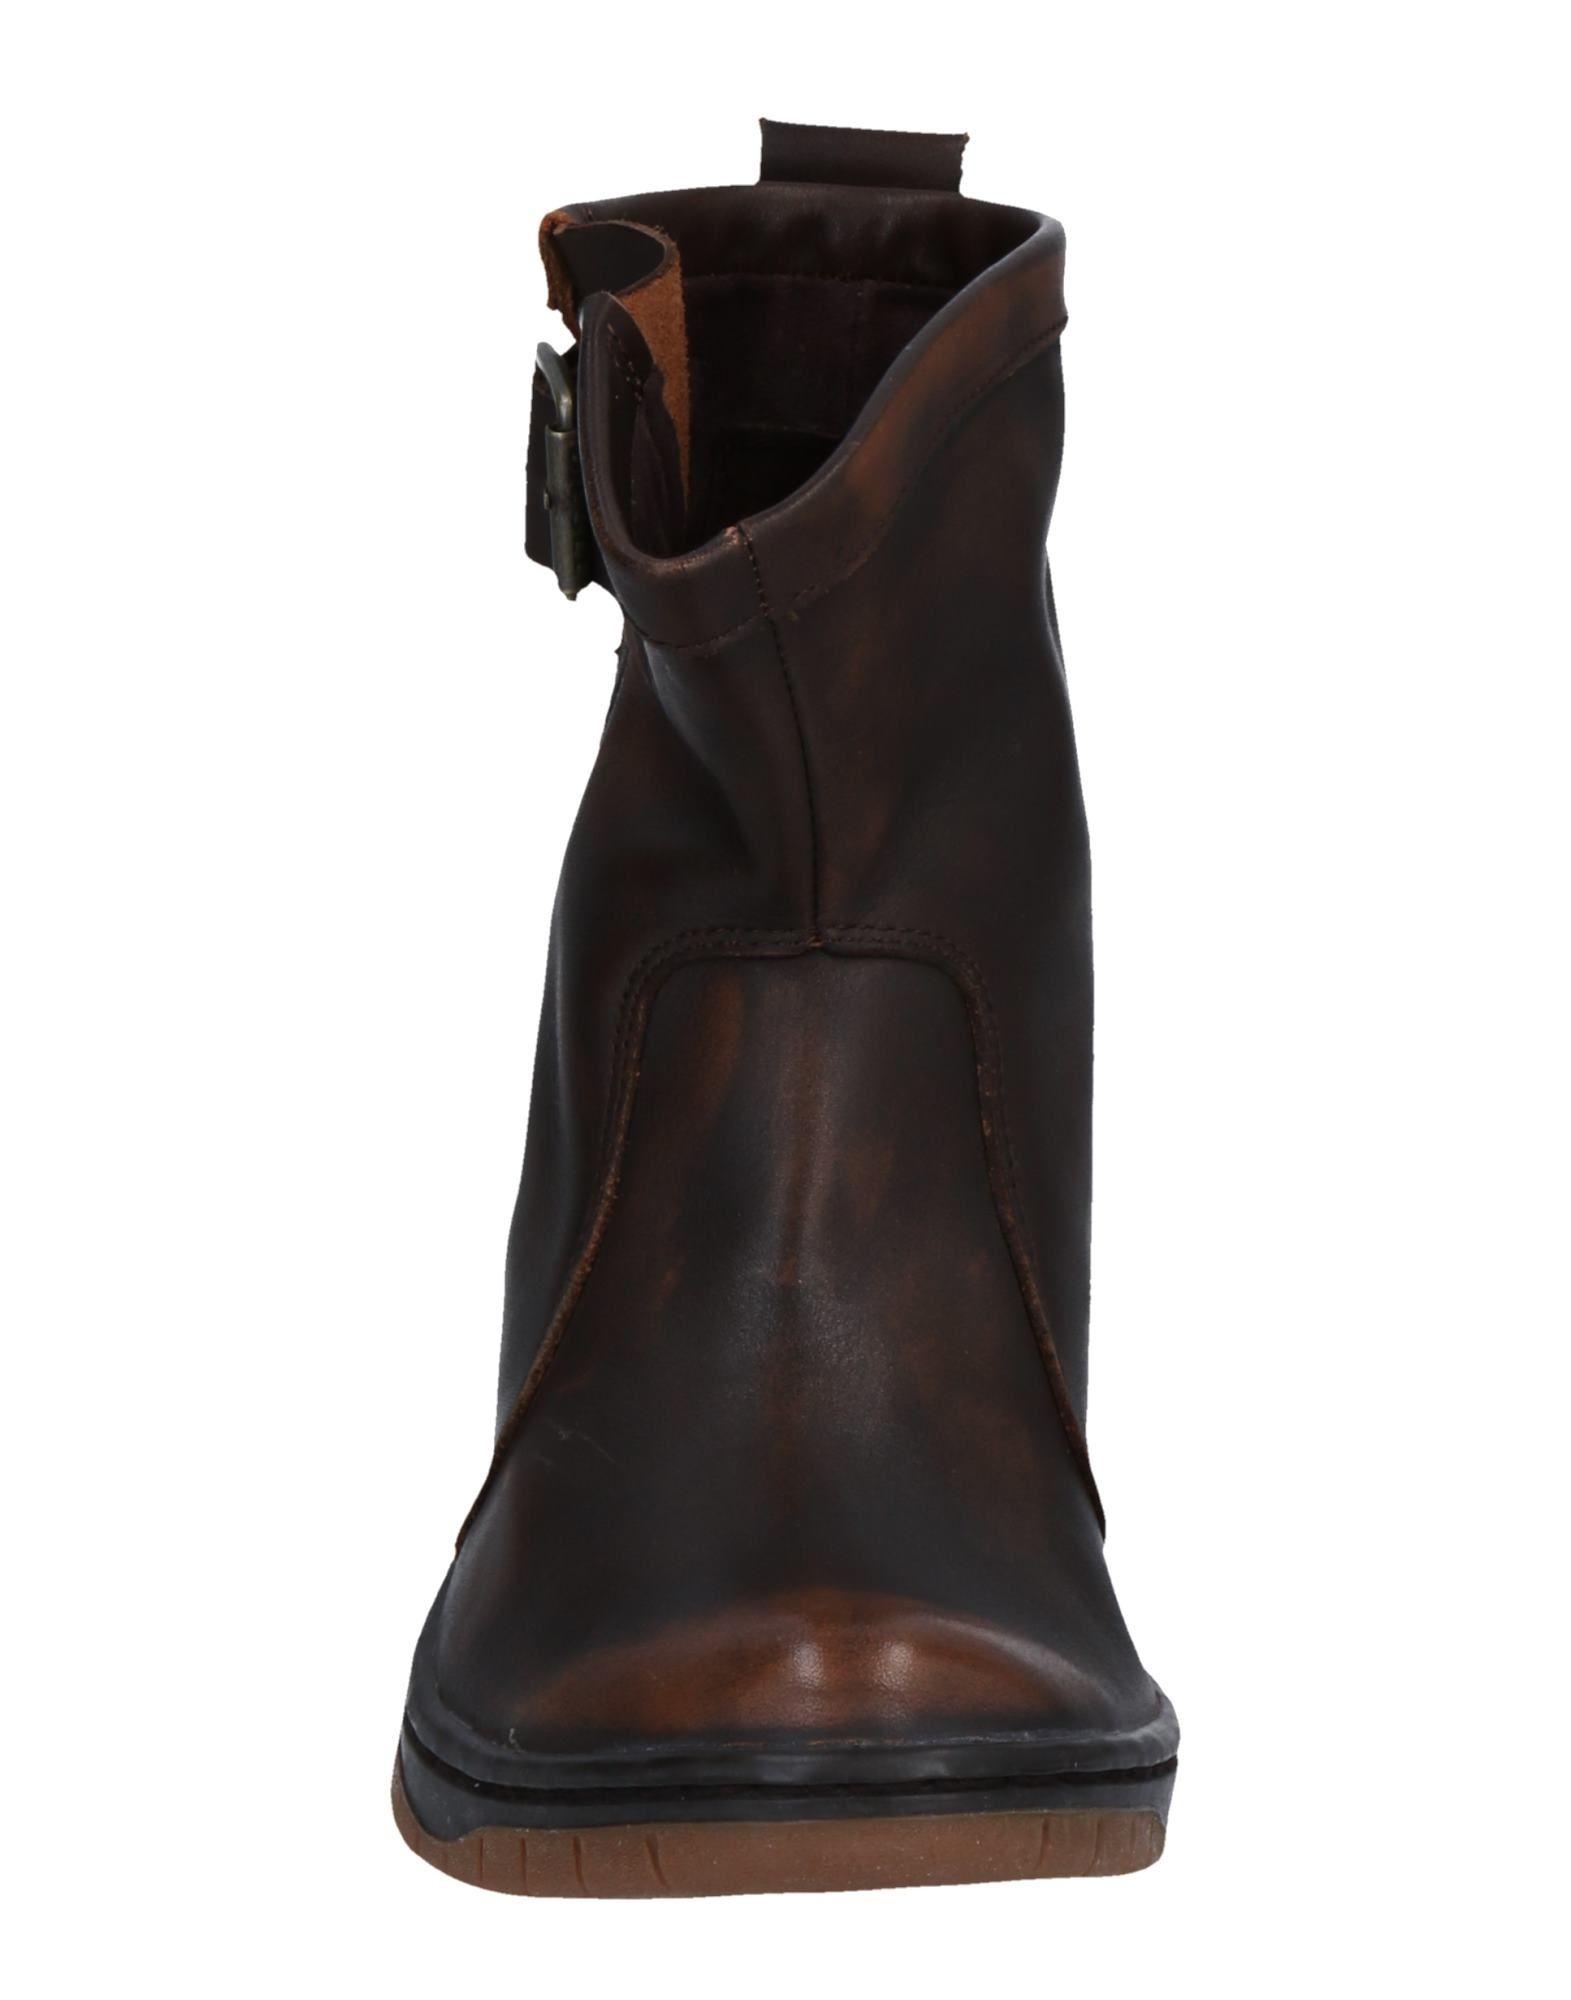 Rabatt Schuhe echte Schuhe Rabatt Diesel Stiefelette Herren 11519340CW 480fba